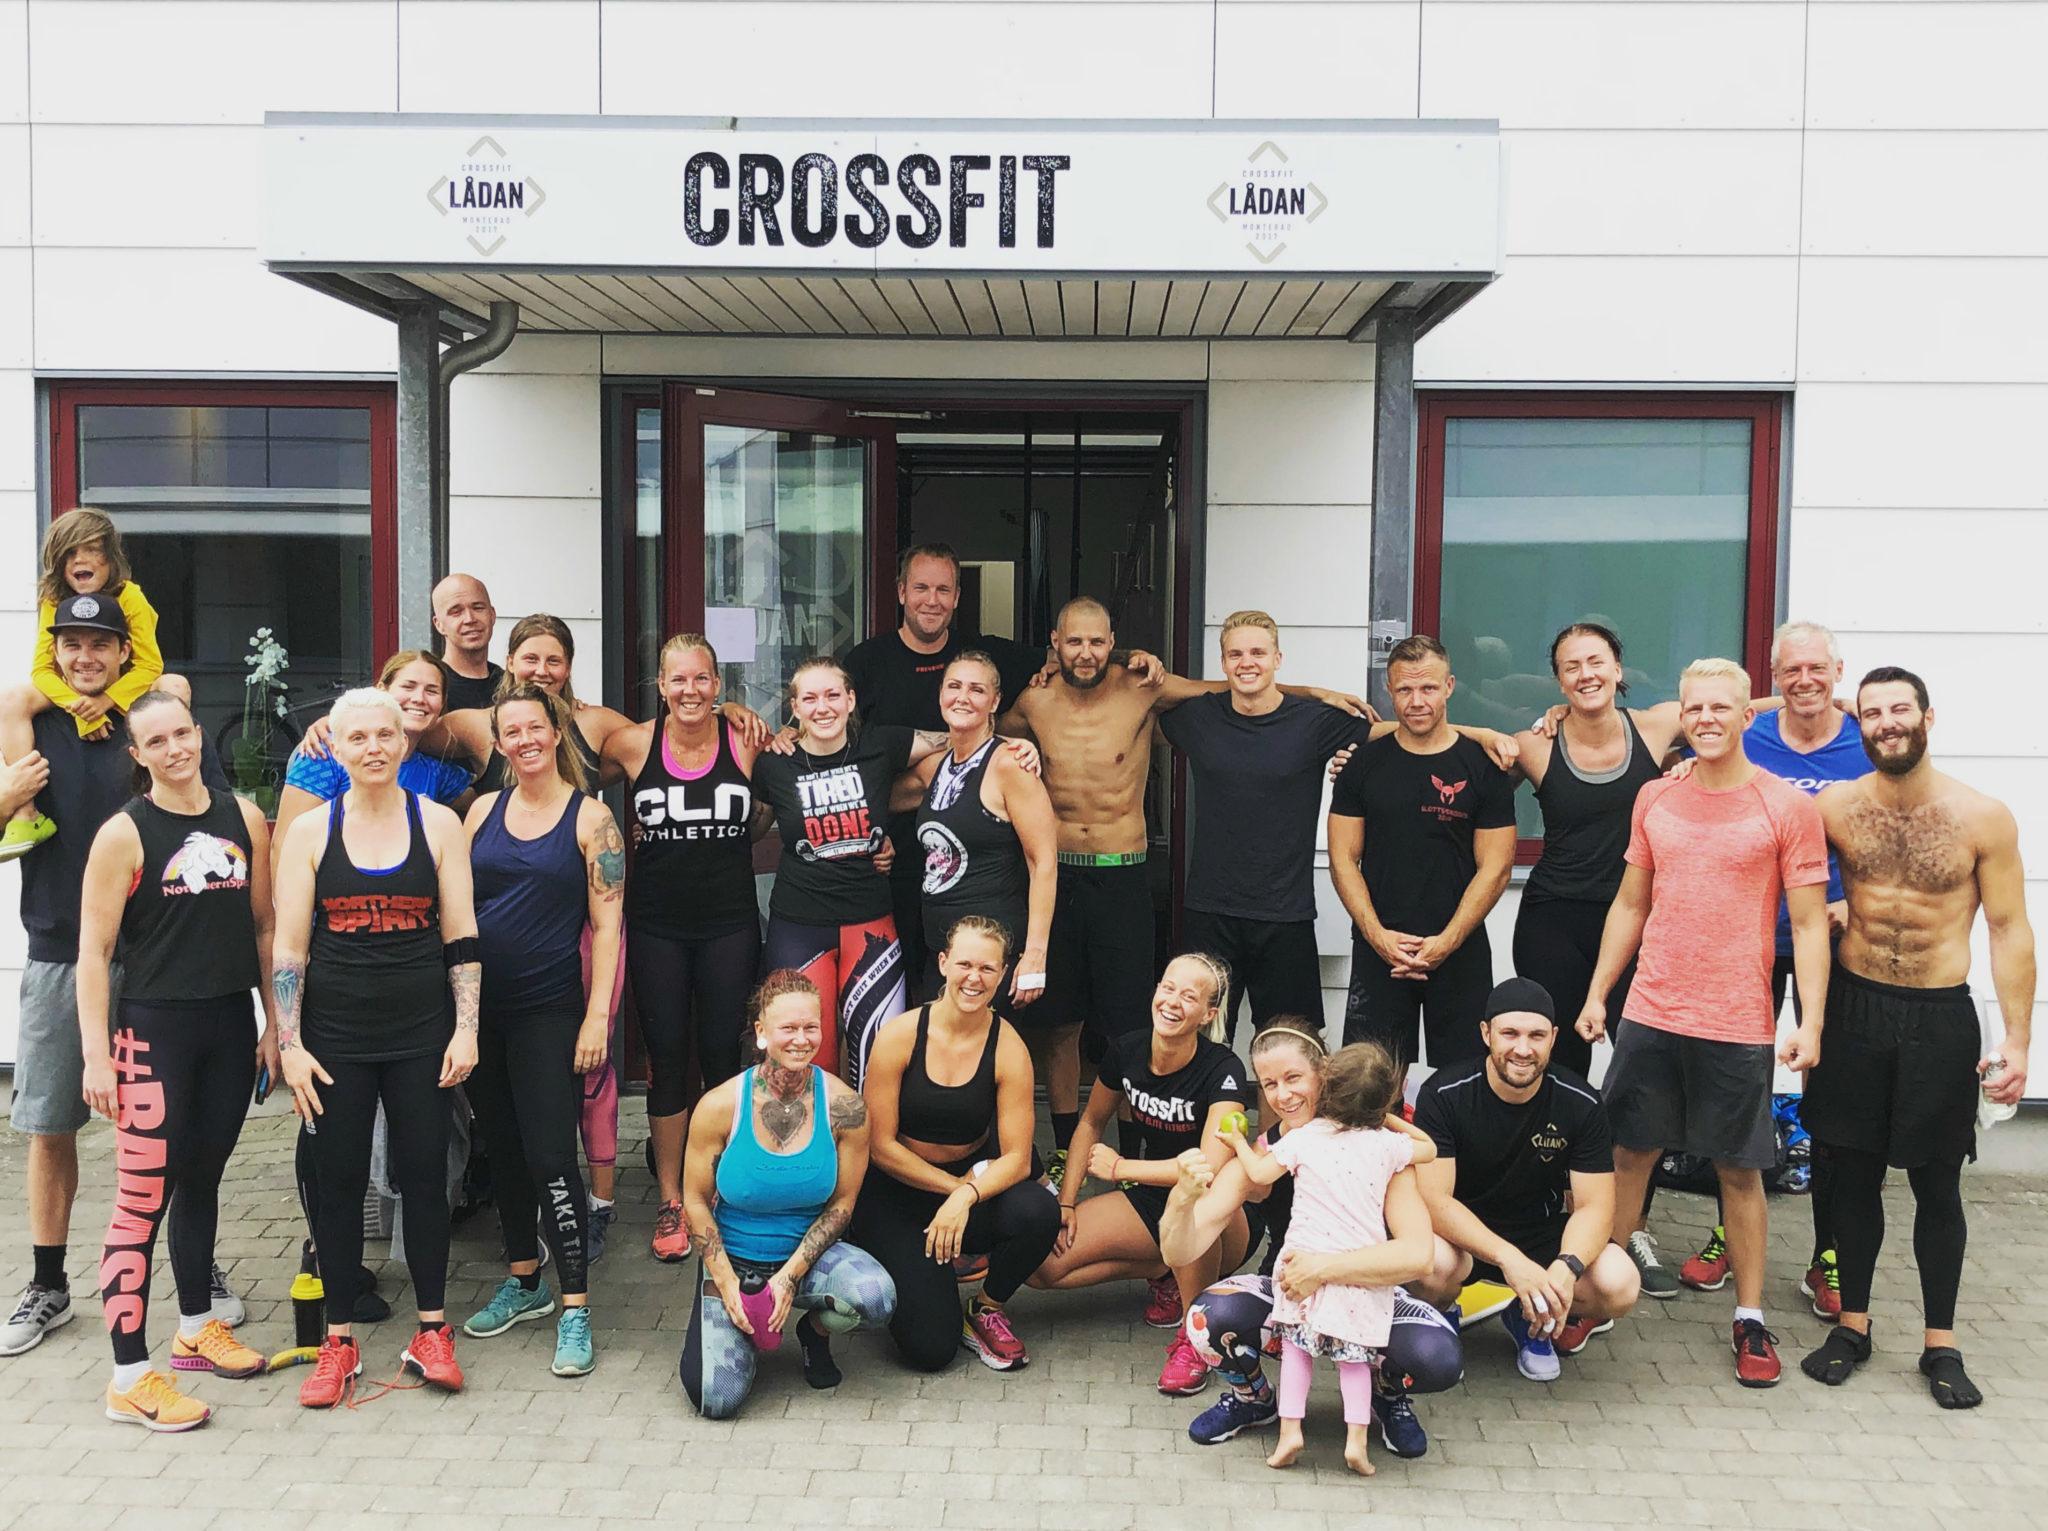 Lådan CrossFit